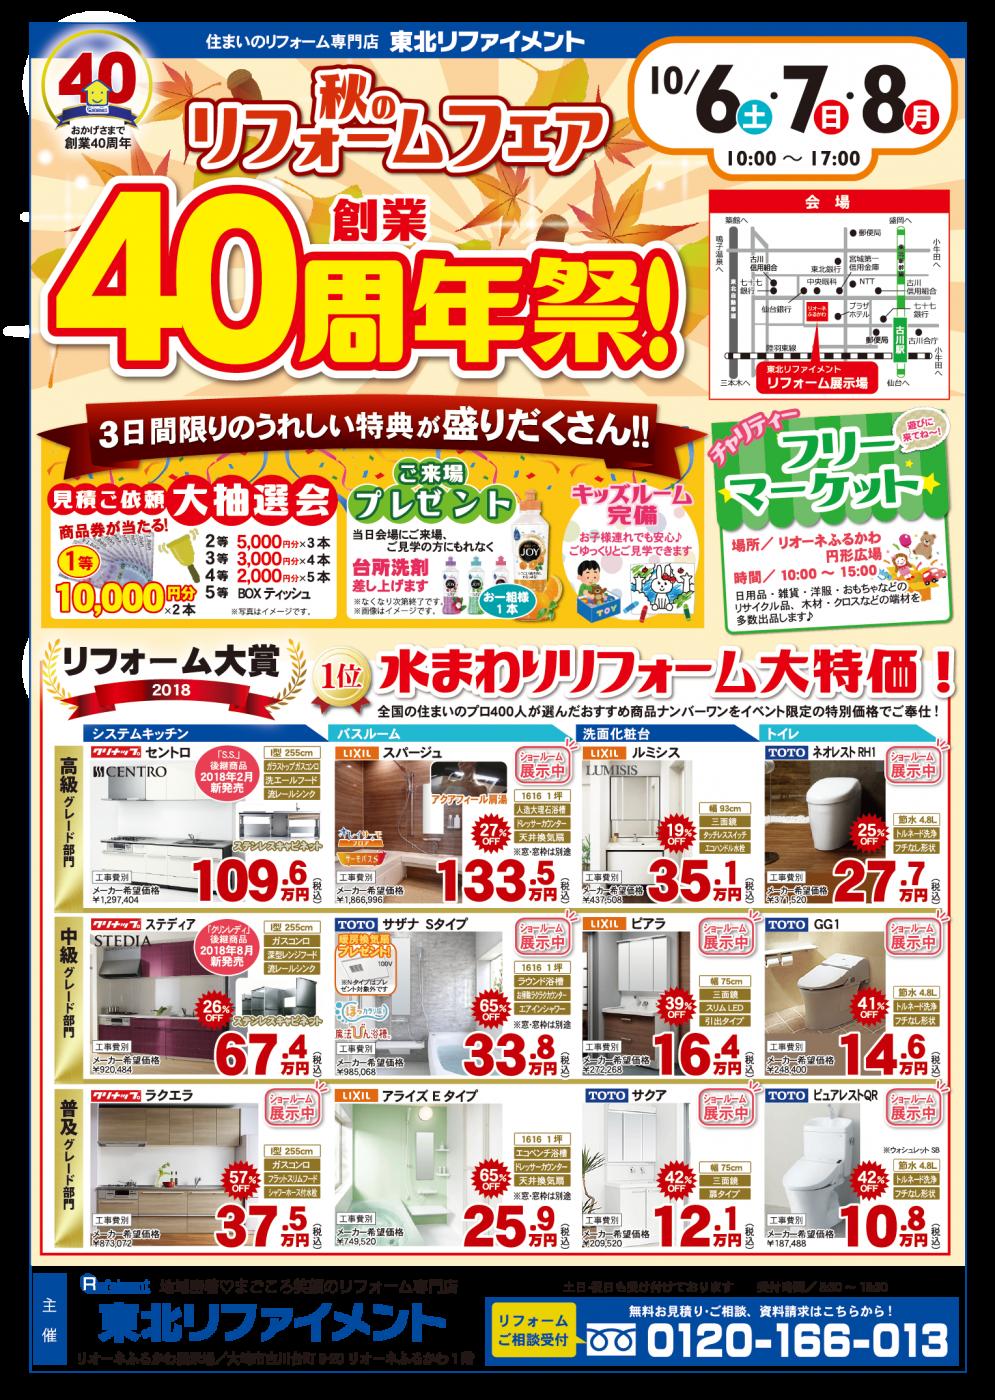 広告(2018_10_06~08) リオーネ秋リフォームフェア B4 表